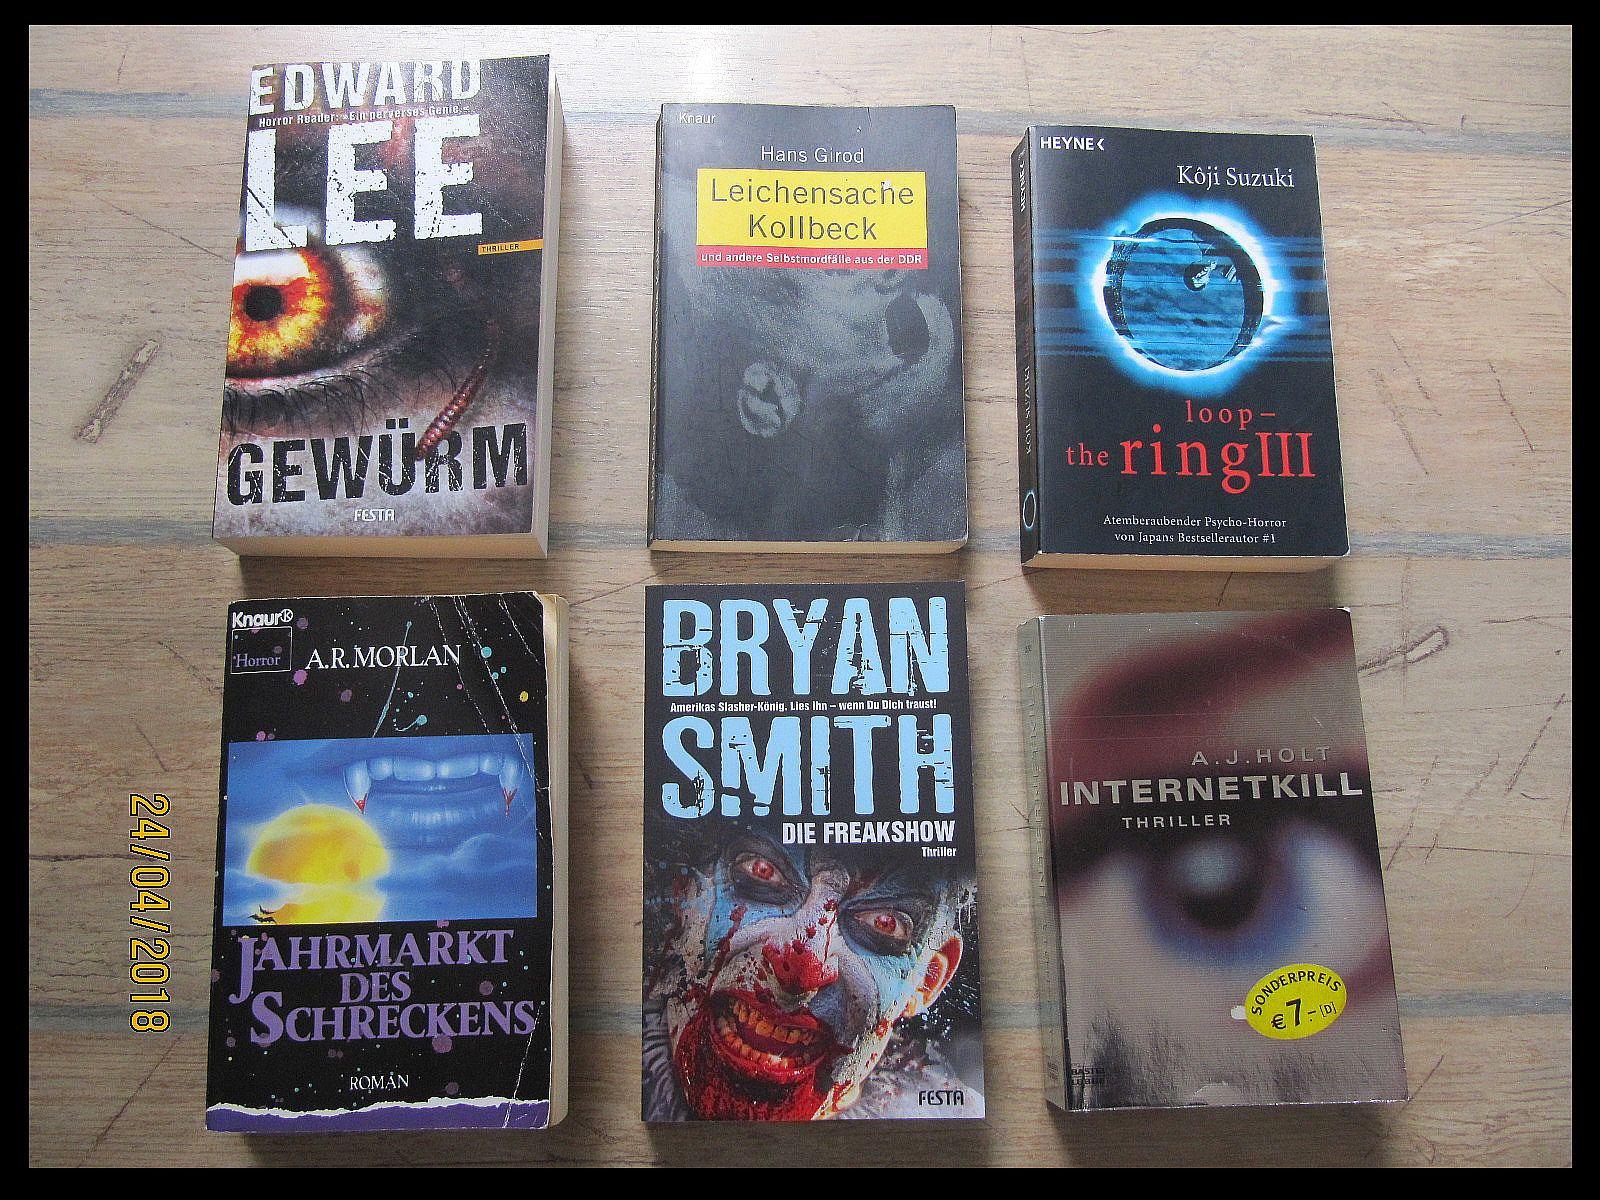 6x Horror Psychothriller Bücher Edward Lee Girod Suzuki Briyan Smith Morlan Holt